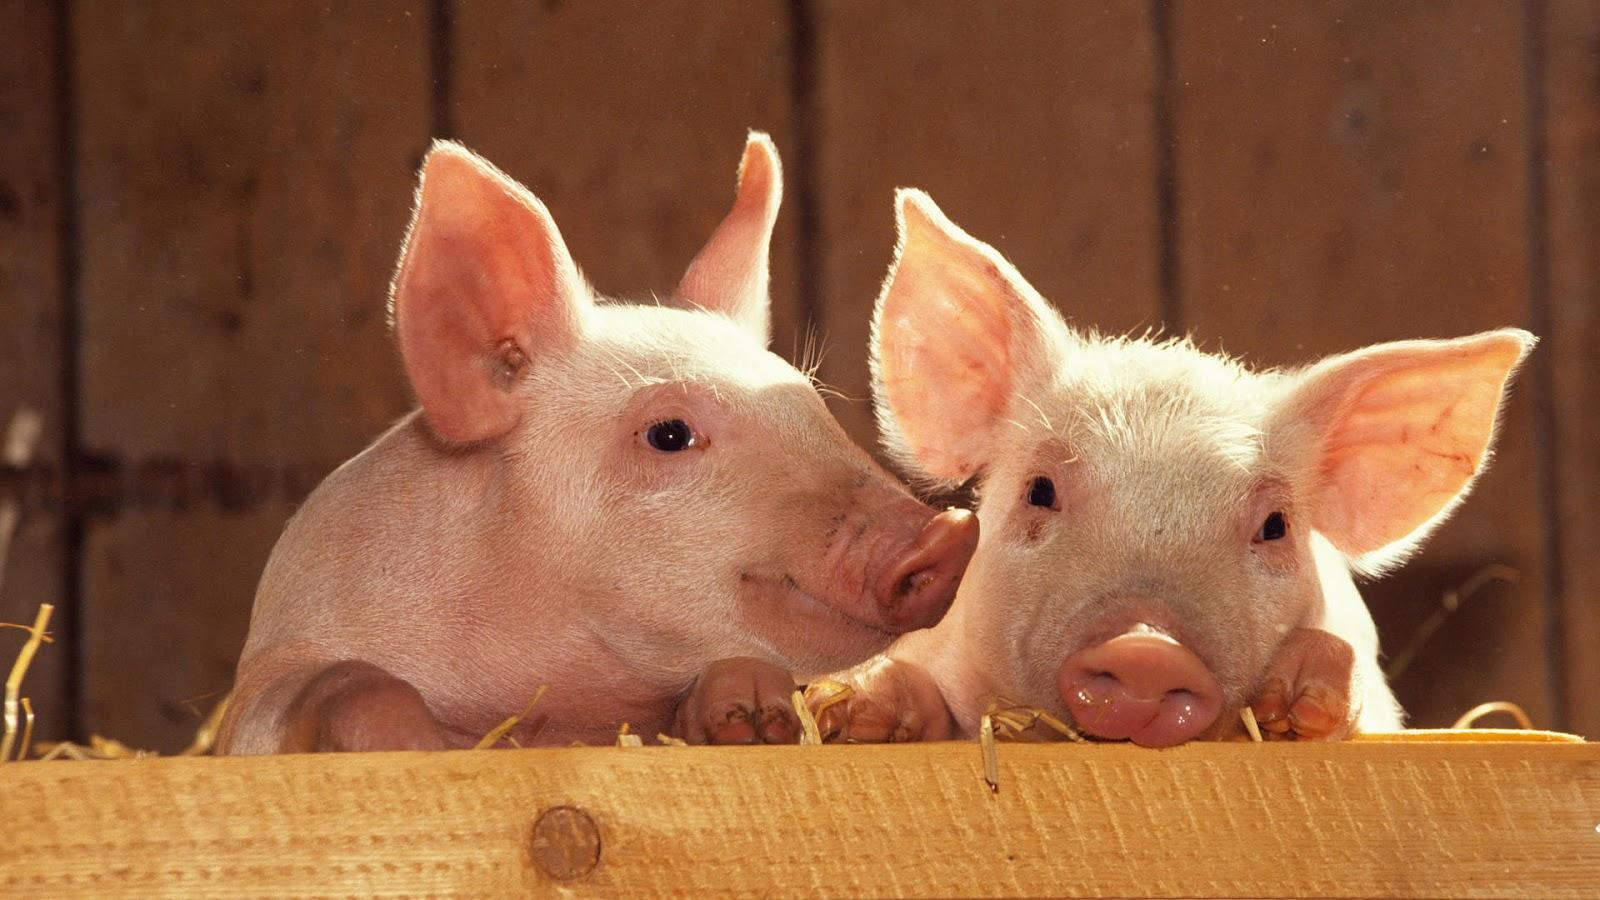 free pig wallpaper wallpapersafari